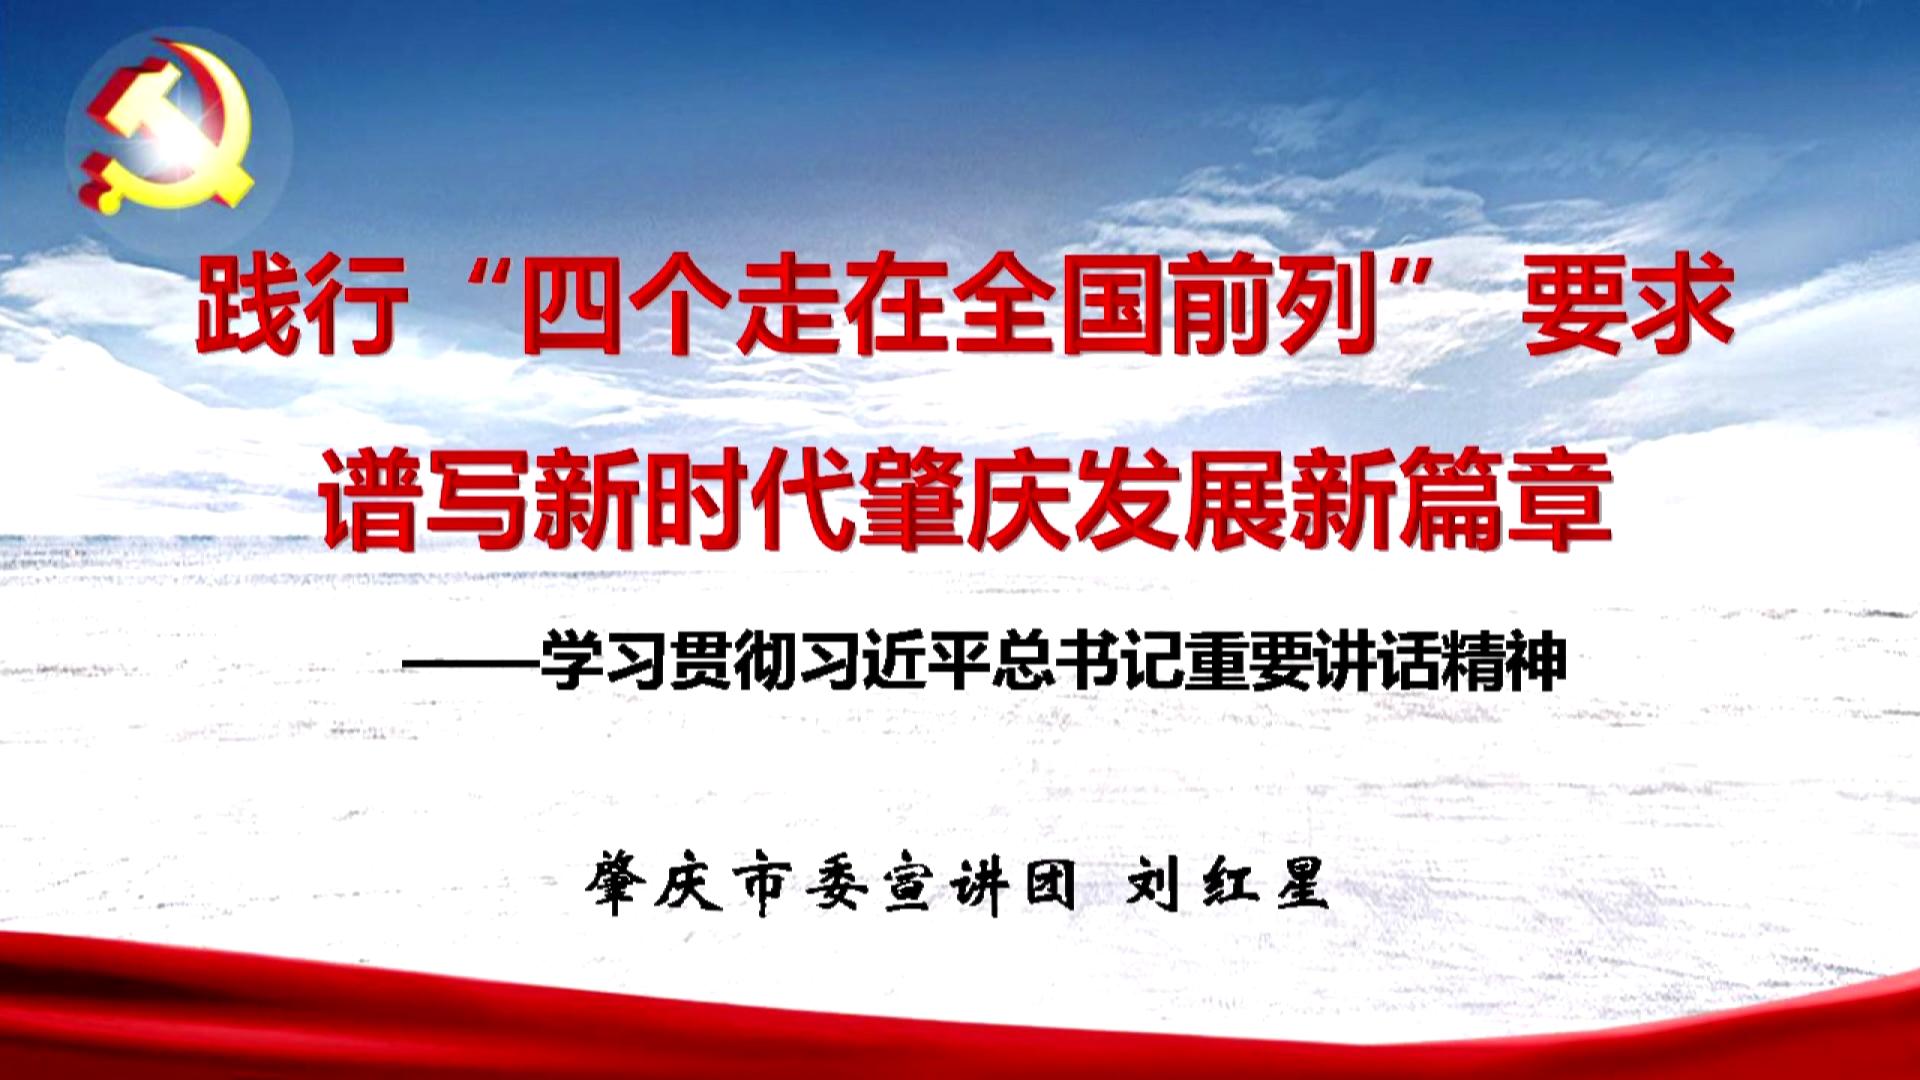 《深入學習宣傳貫徹習近平在廣東代表團審議時的重要講話精神》